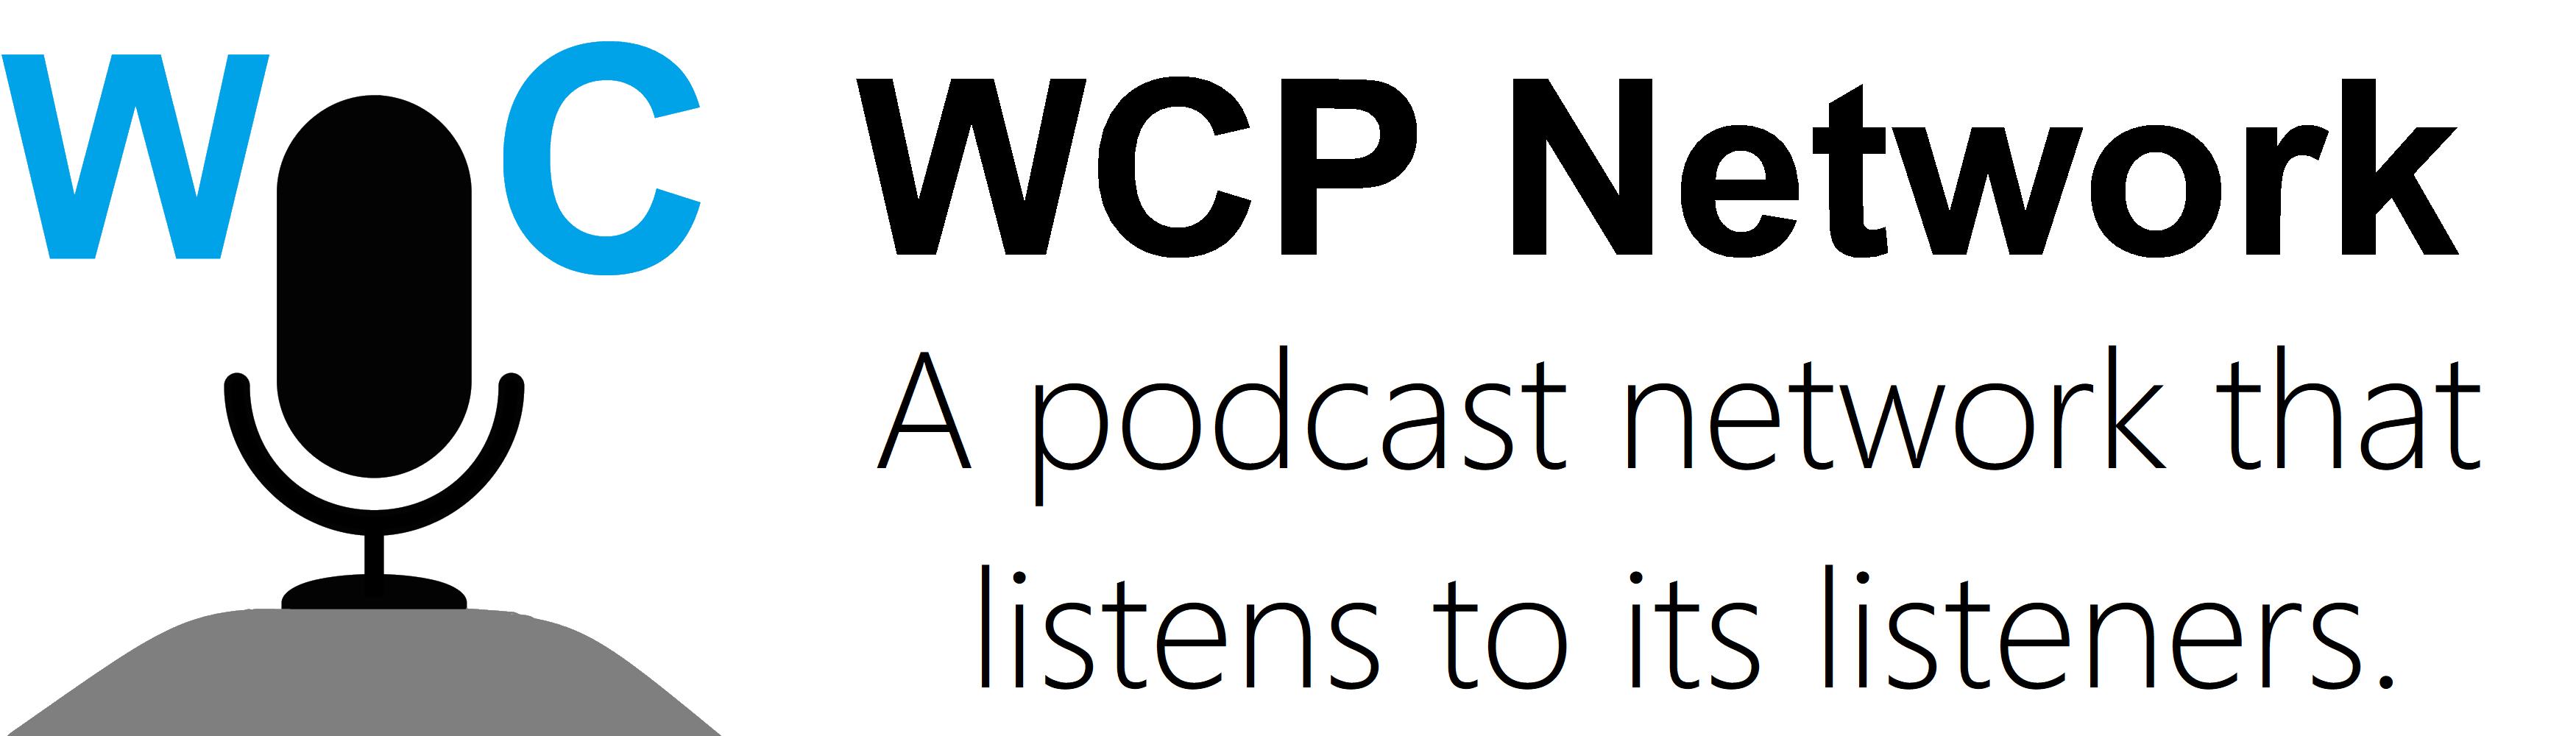 WCP Network